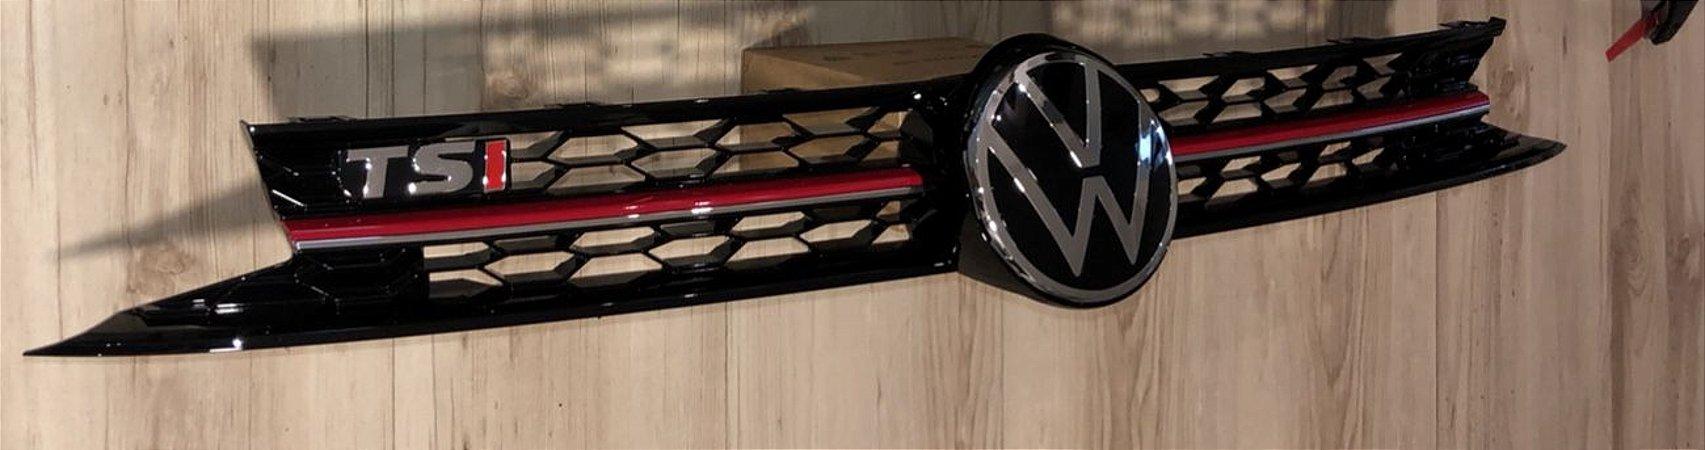 Grade Colmeia TSI Logo VW 2021 Original VW Polo e Virtus Exclusividade Instacarsonline